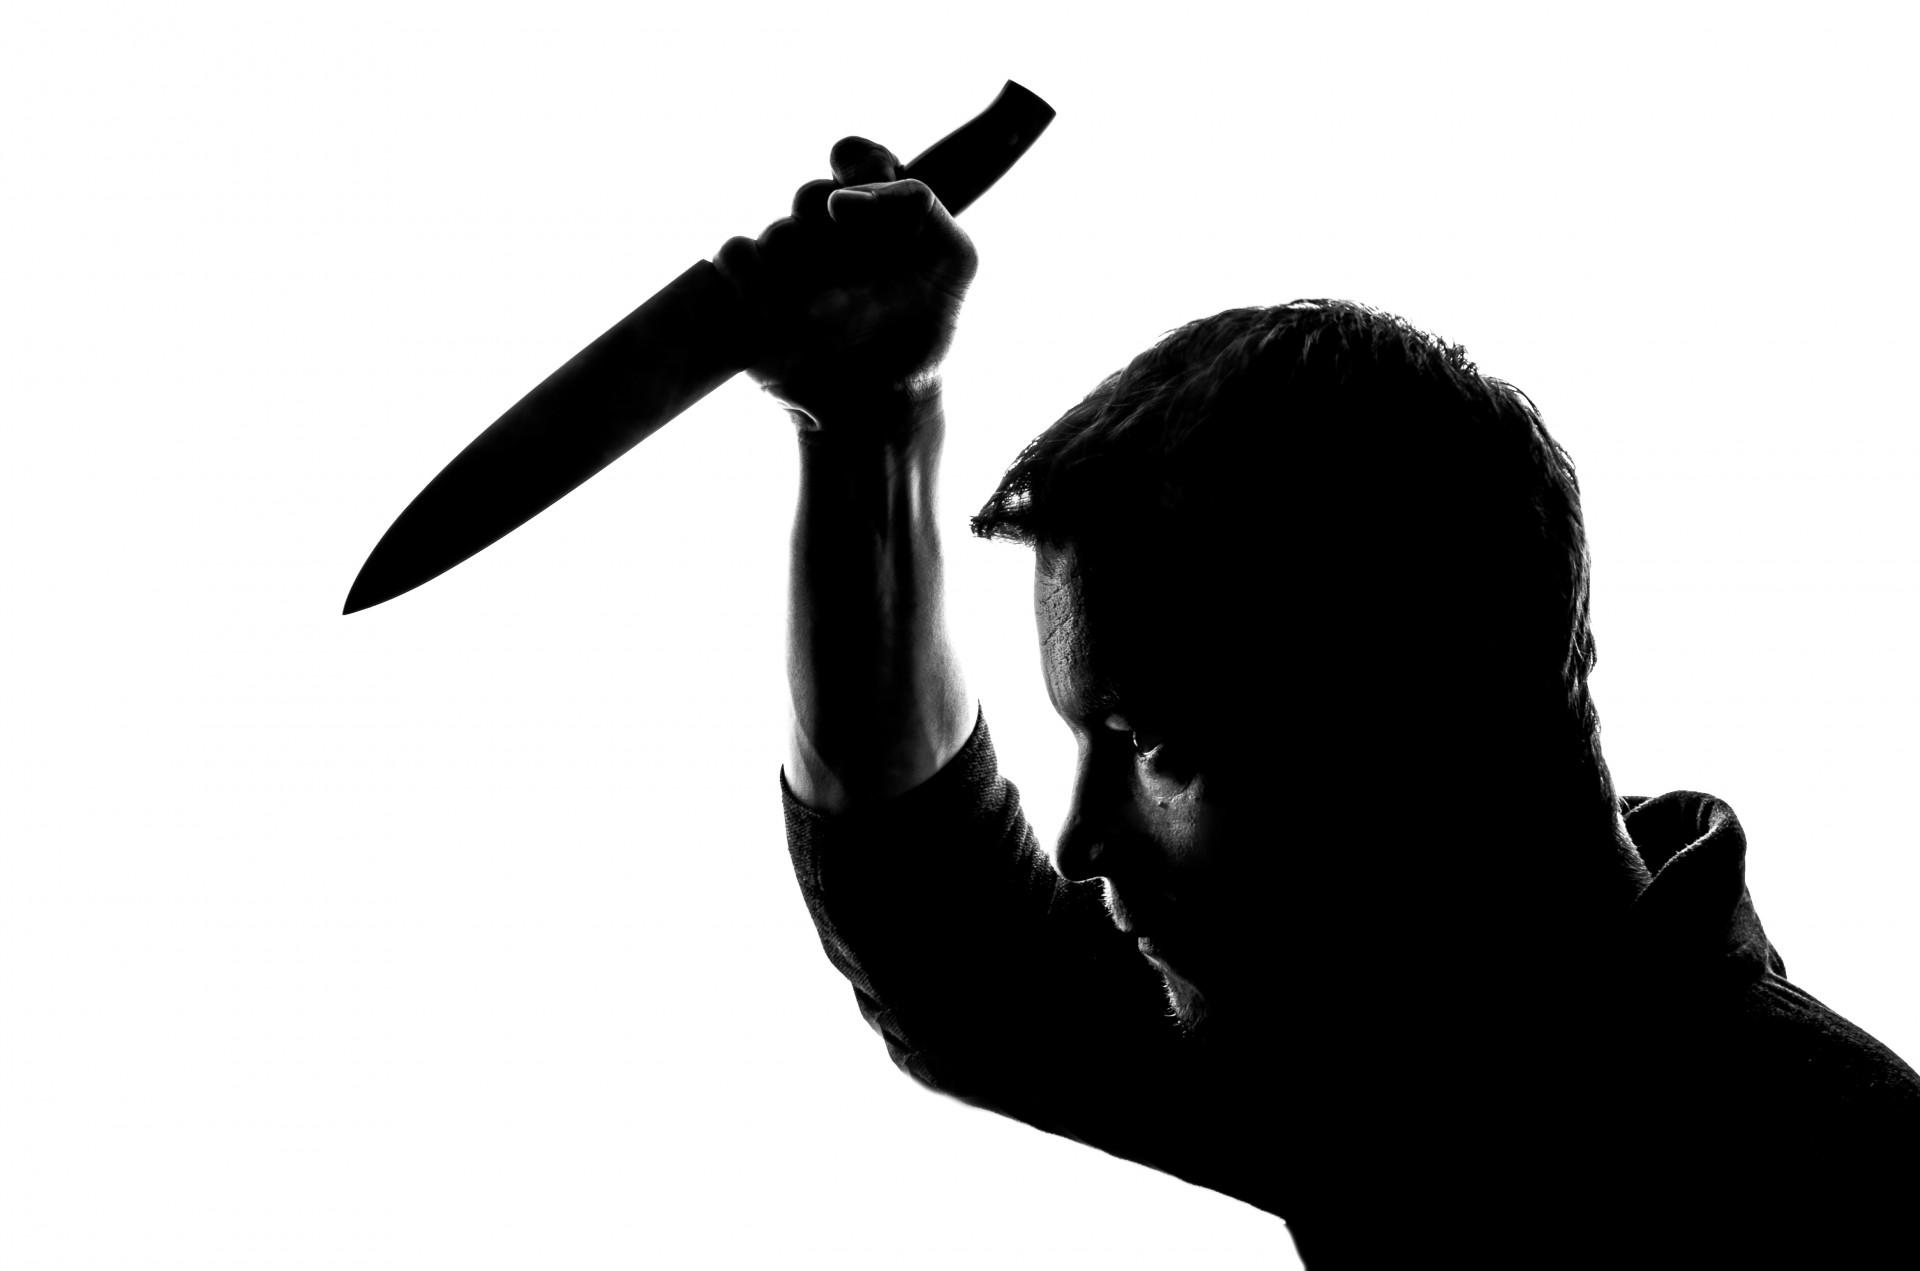 ВСвердловской области милиция отыскала убийцу засорок минут